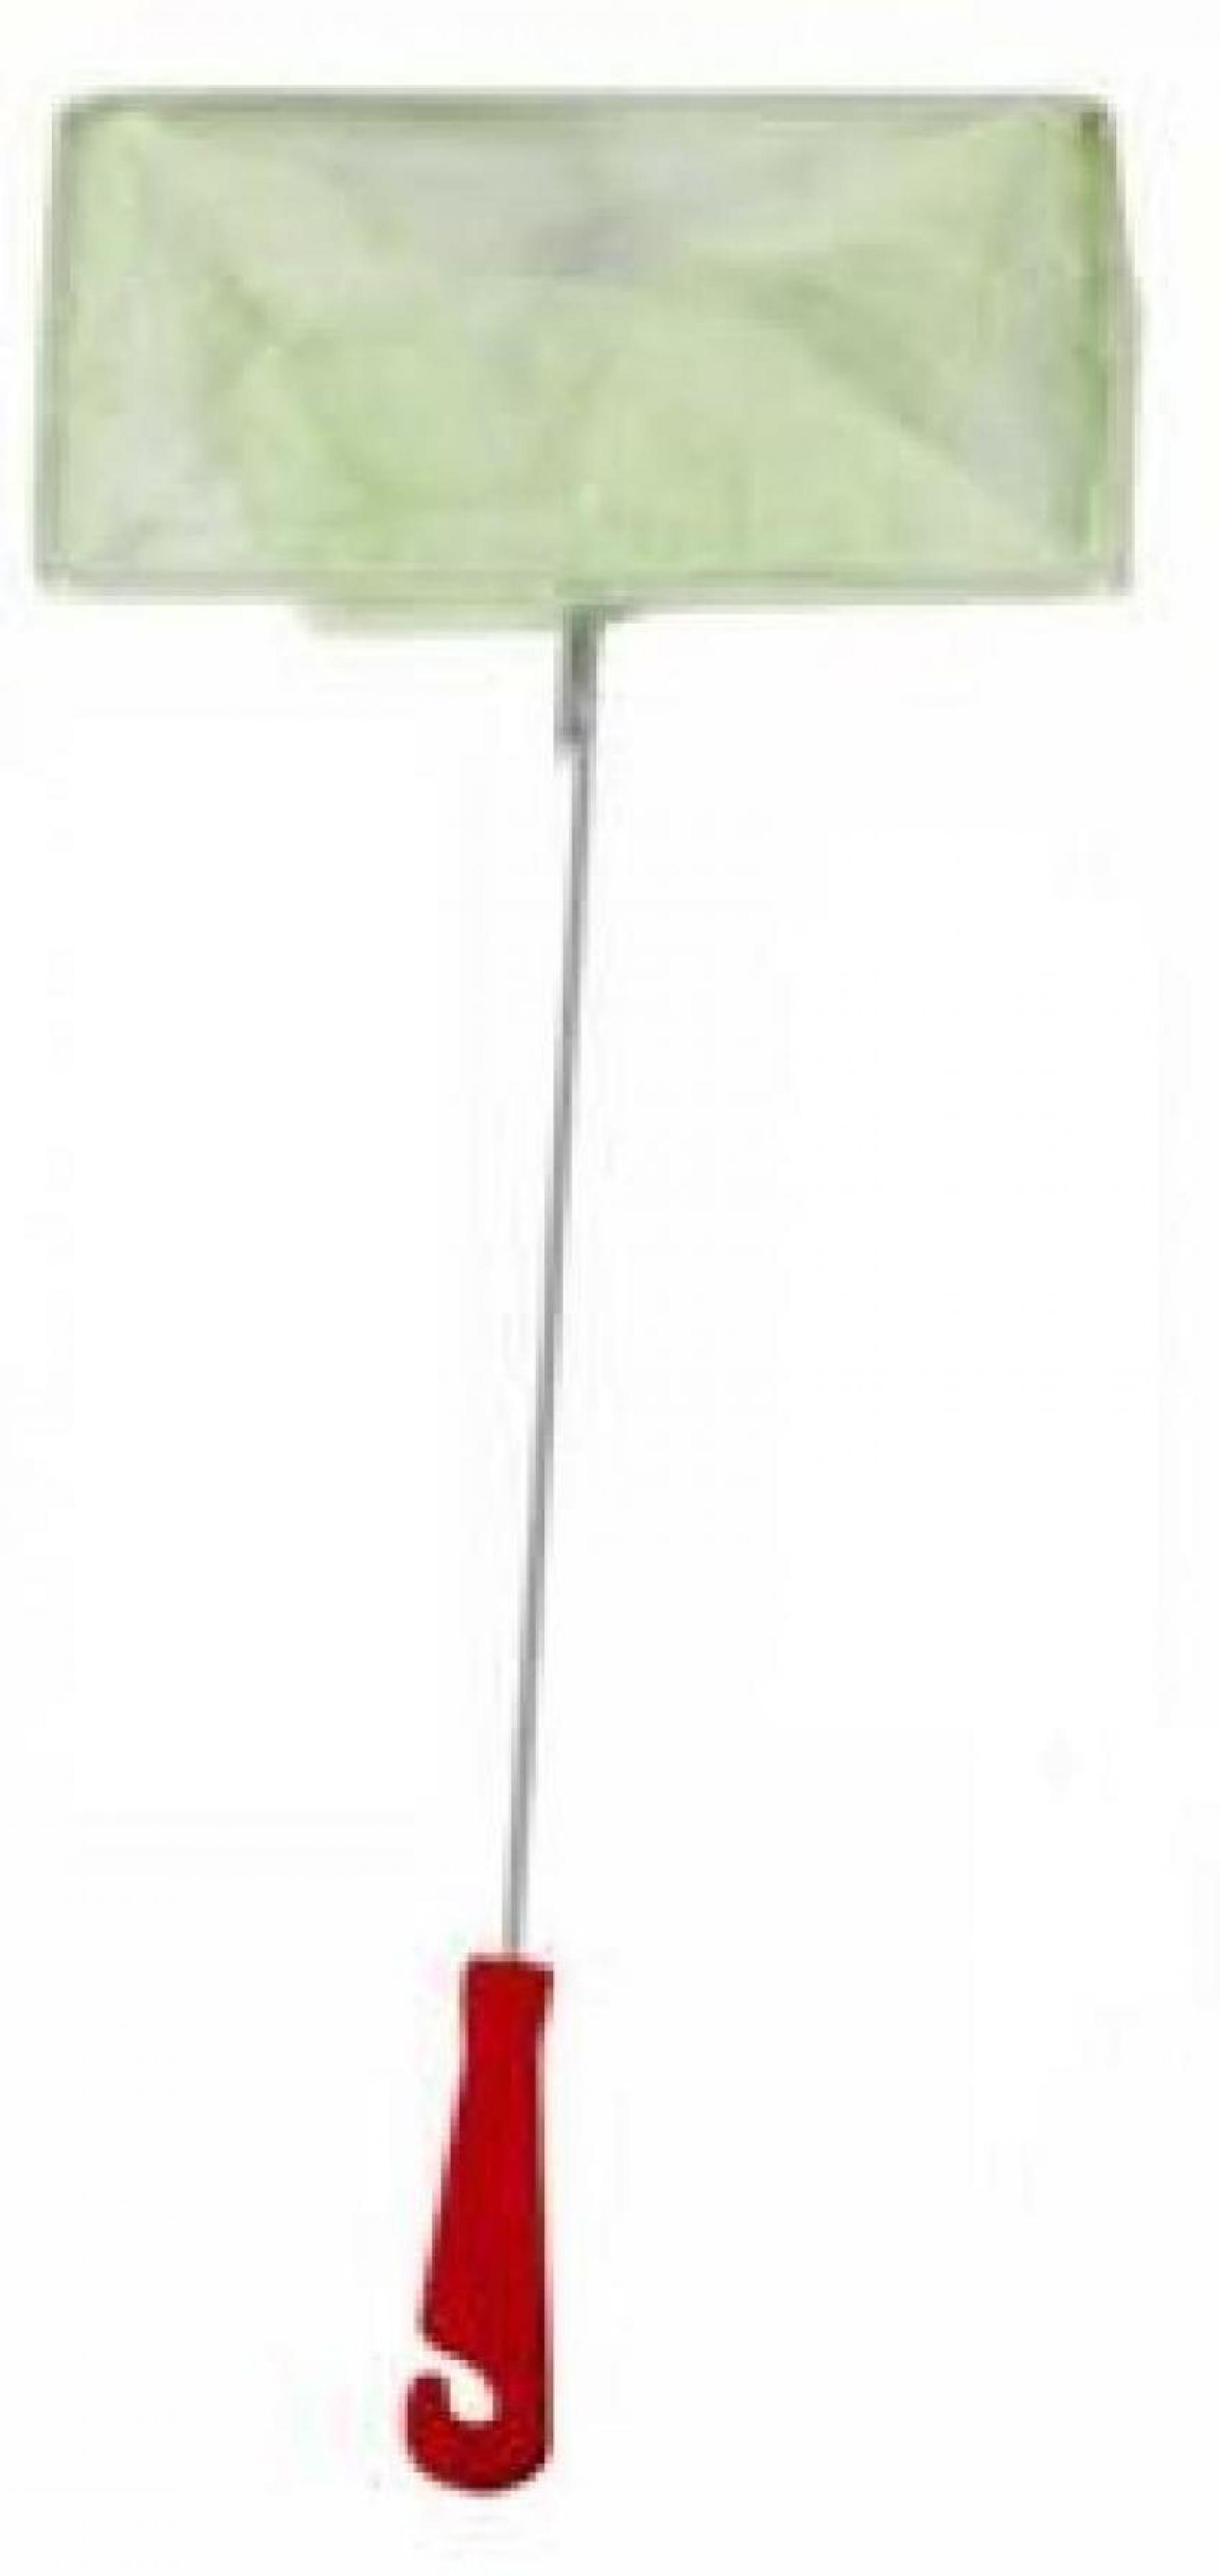 Redplastic Сачок аквариумный 13/16 см (металл) пластиковая ручка, RP7063